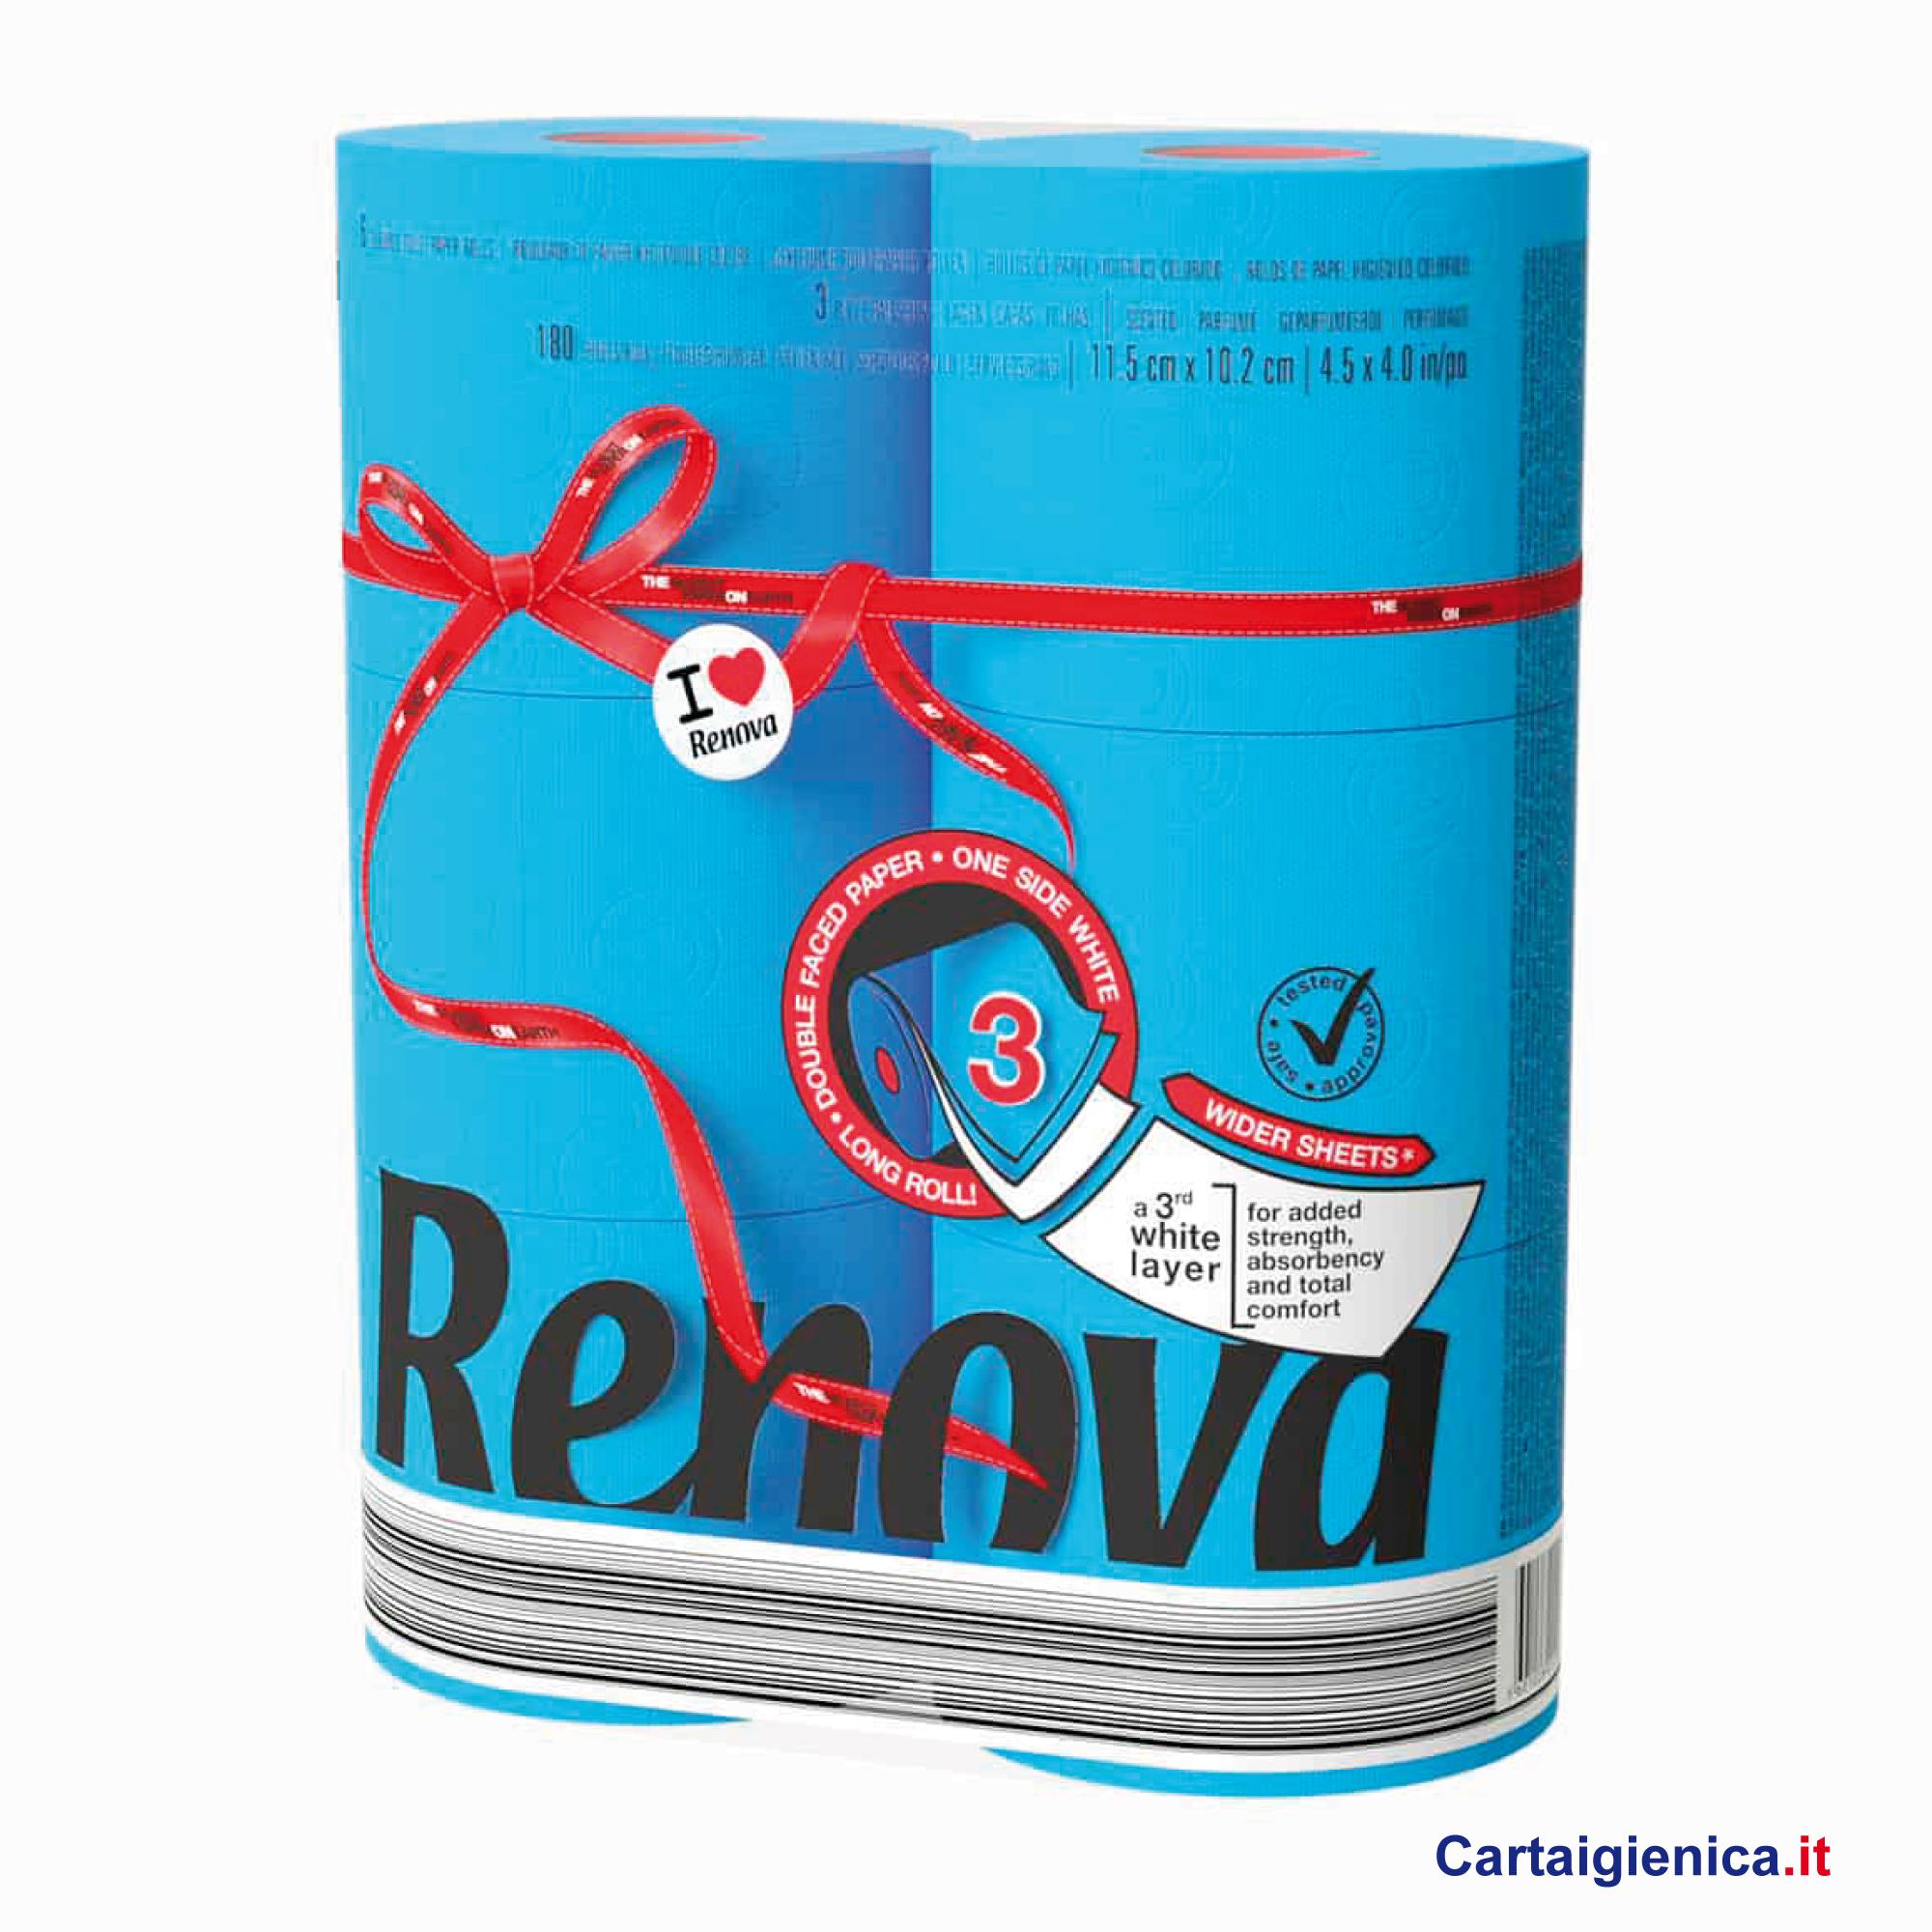 renova carta igienica colorata azzurro 6 rotoli cartaigienica.it